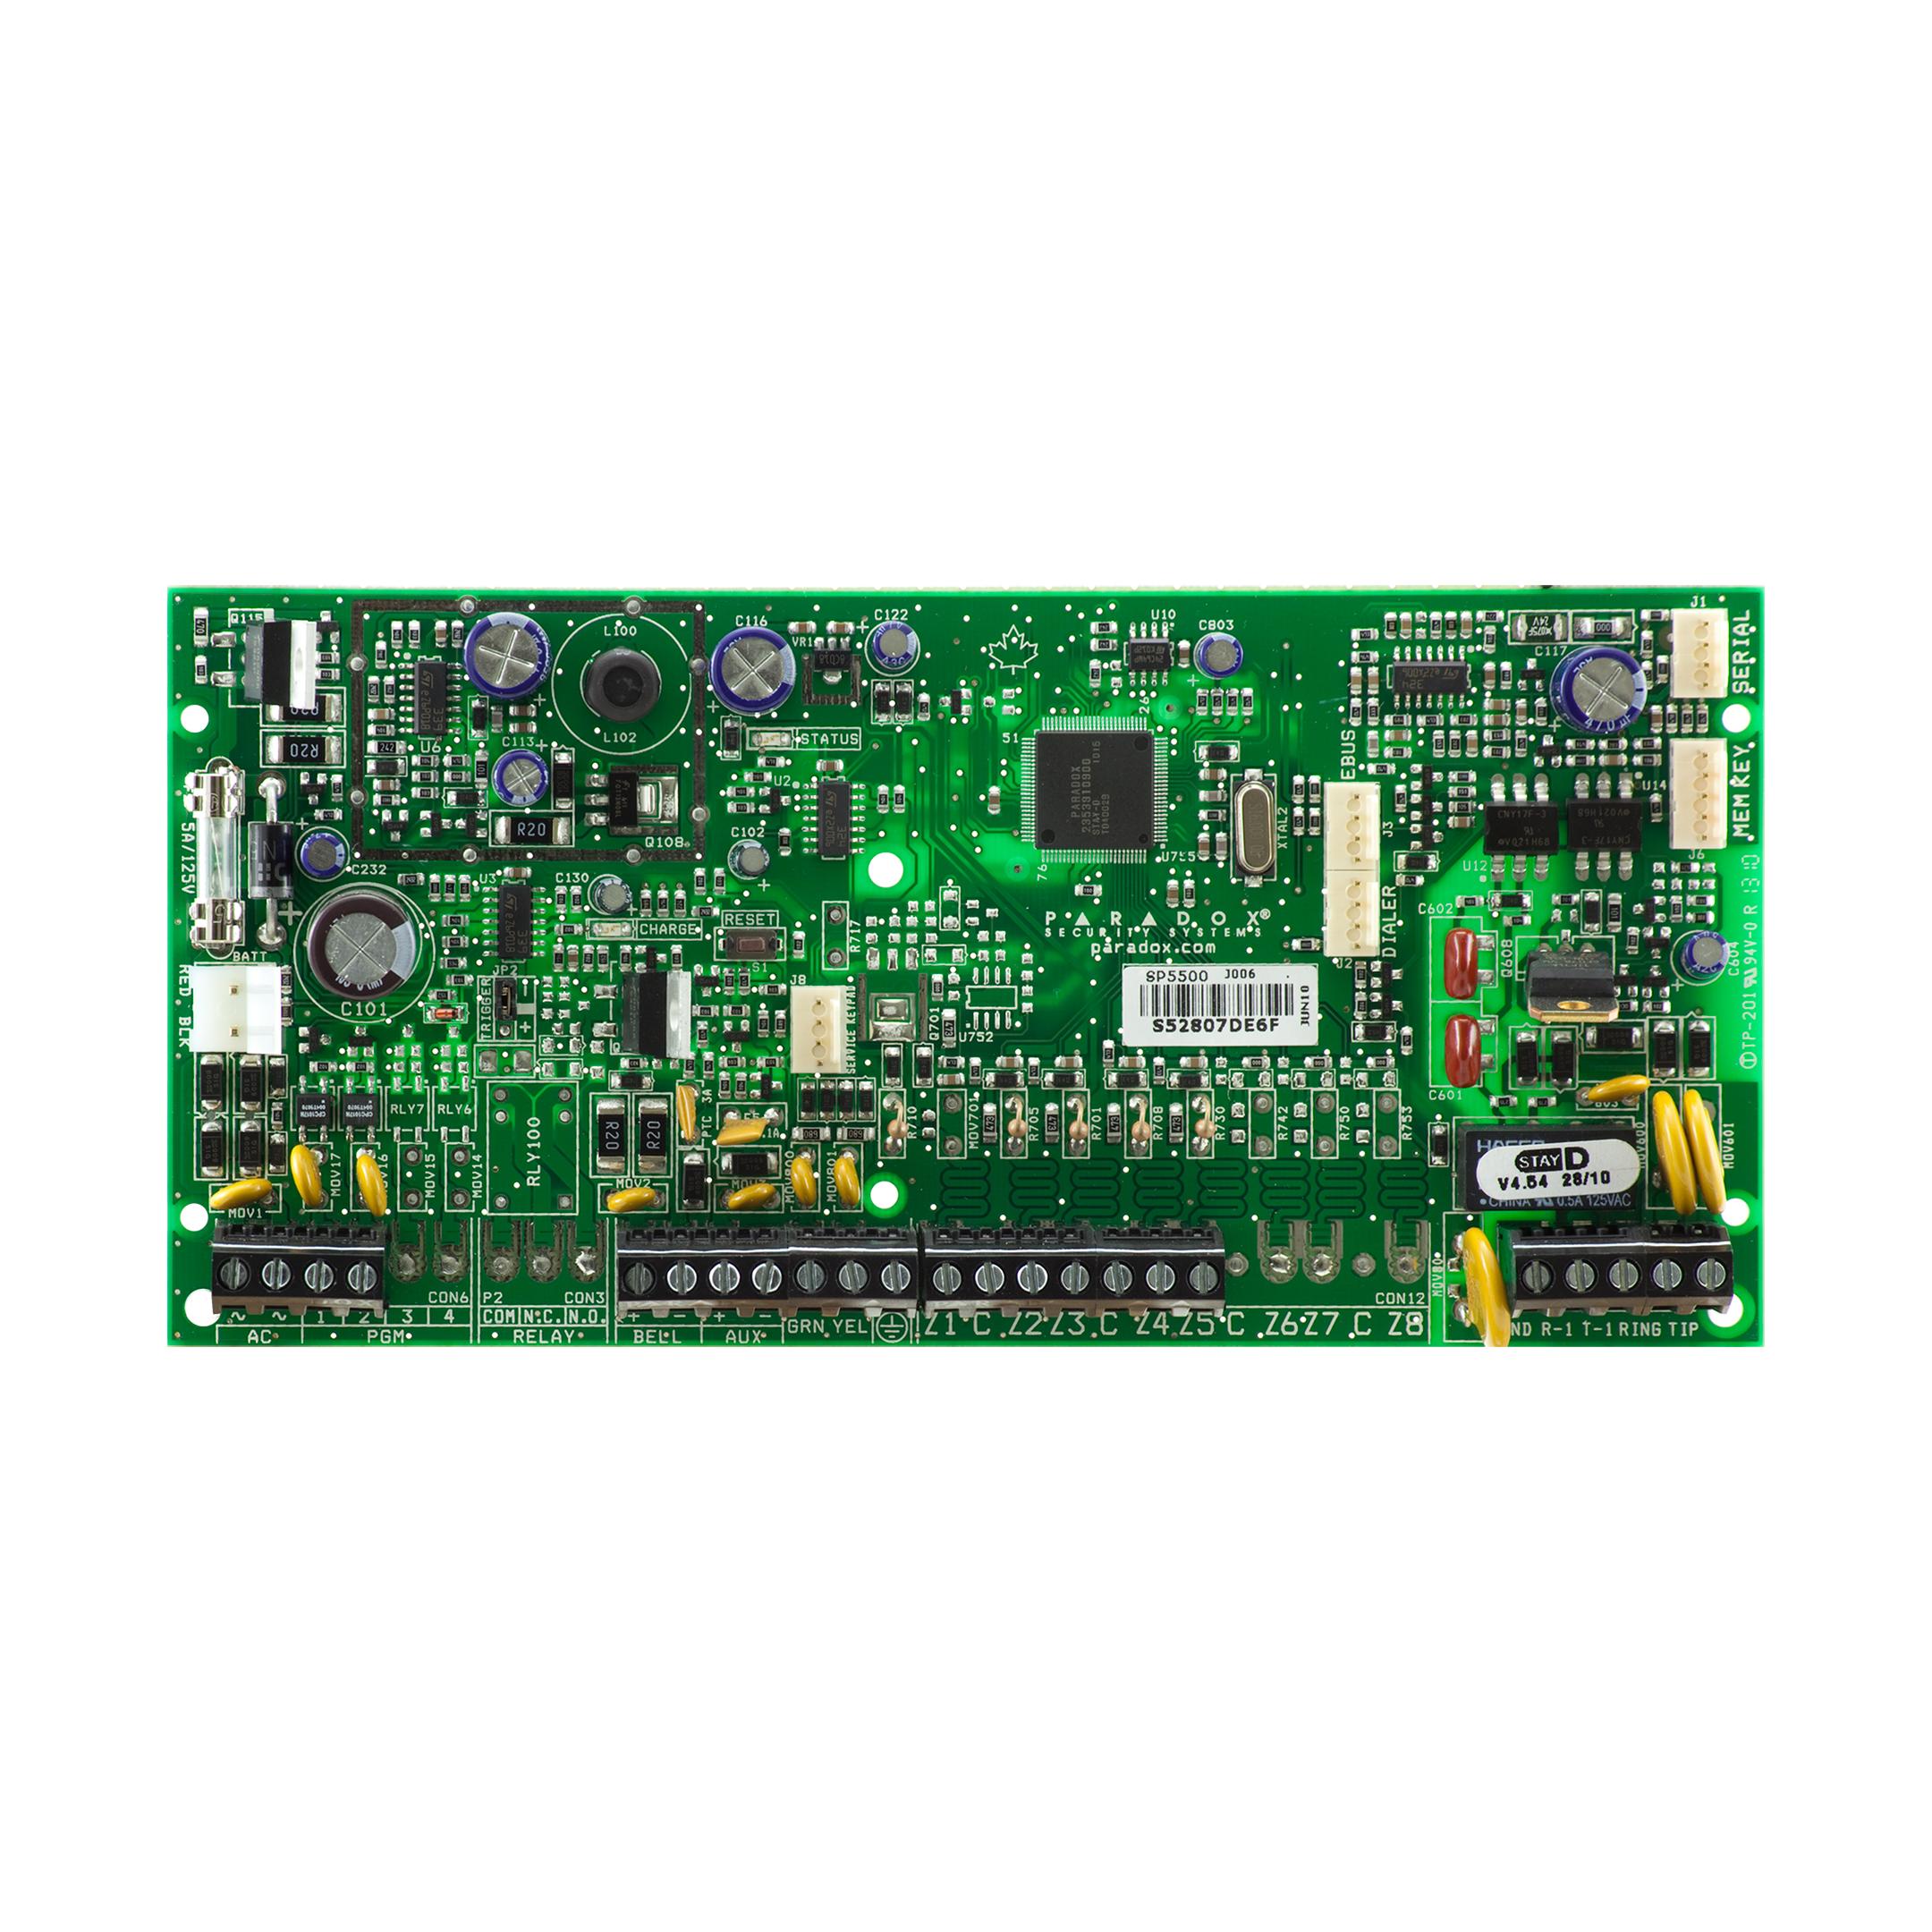 کنترل پنل منطقه 5 تا 32 مدلSP5500 پارادوکس